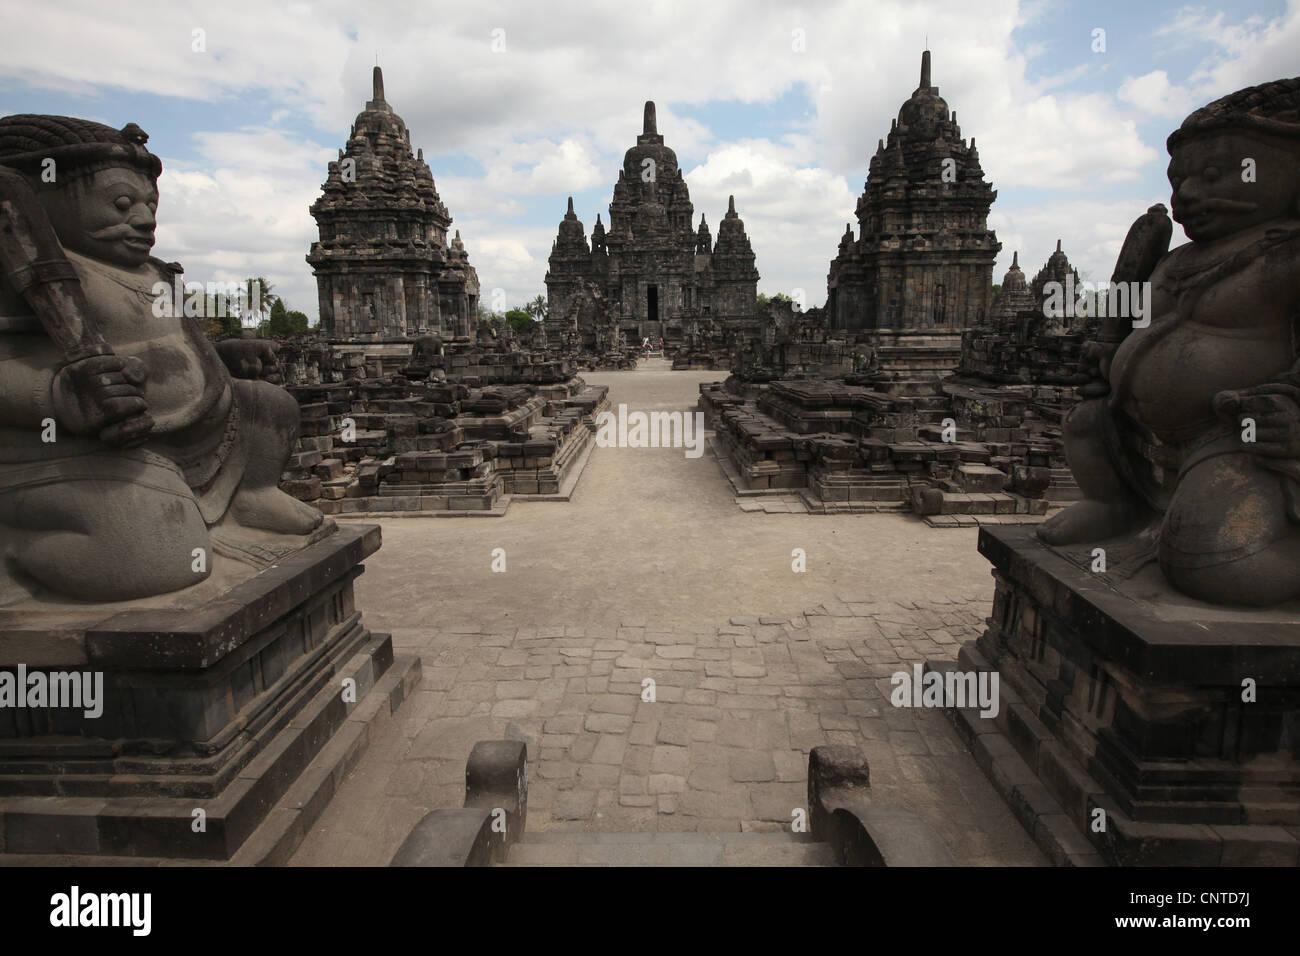 Candi Sewu Buddhist Temple next to Prambanan Temple near Yogyakarta, Central Java, Indonesia. Stock Photo